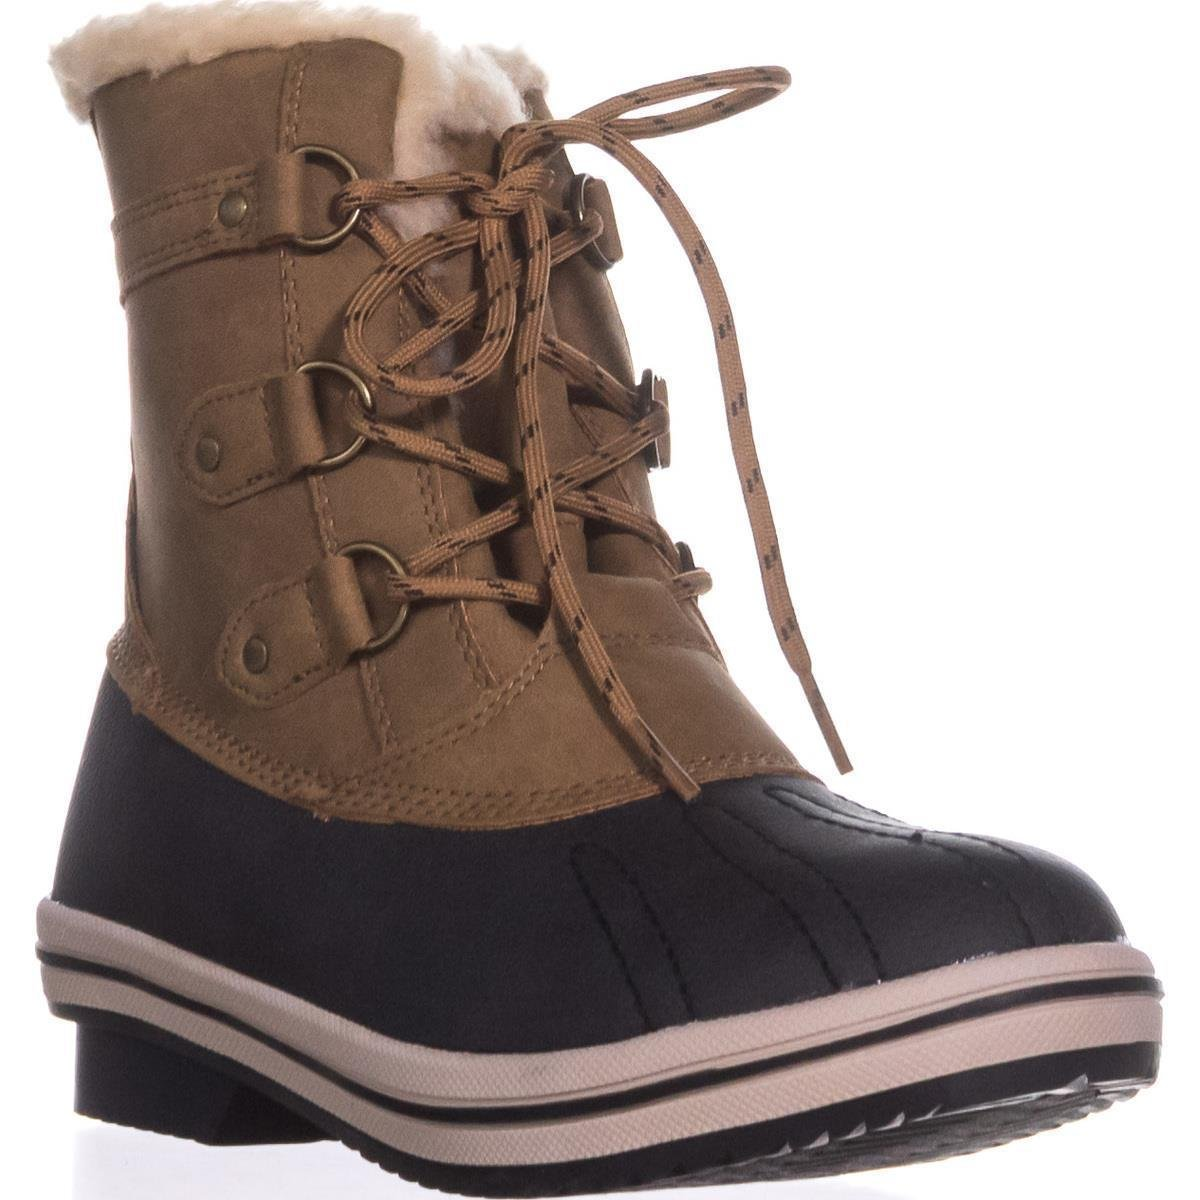 Bearpaw Frauen Gina Gina Gina Pumps rund Kaltes Wetter Stiefel Hickory 6294d0